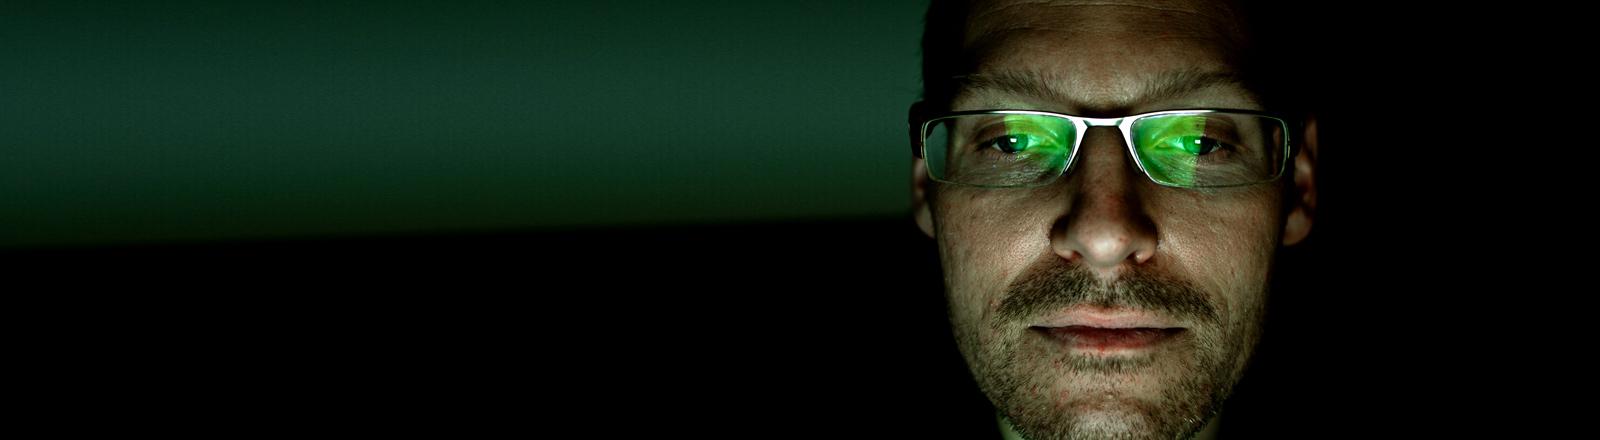 Ein Mann mit Brille guckt auf einen Monitor.